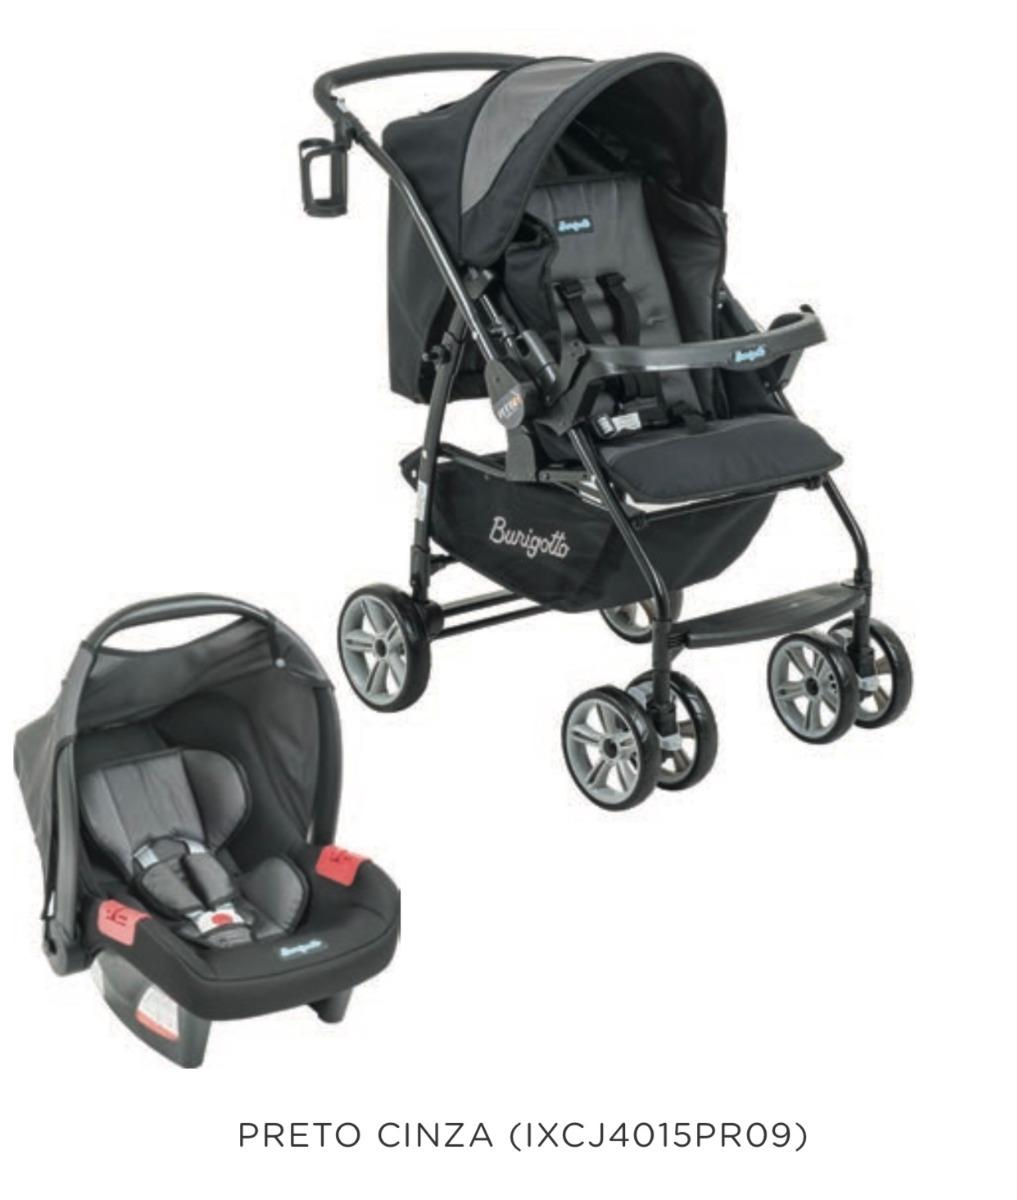 b938c90db carrinho at6k 2018 + bebê conforto burigotto preto com cinza. Carregando  zoom.